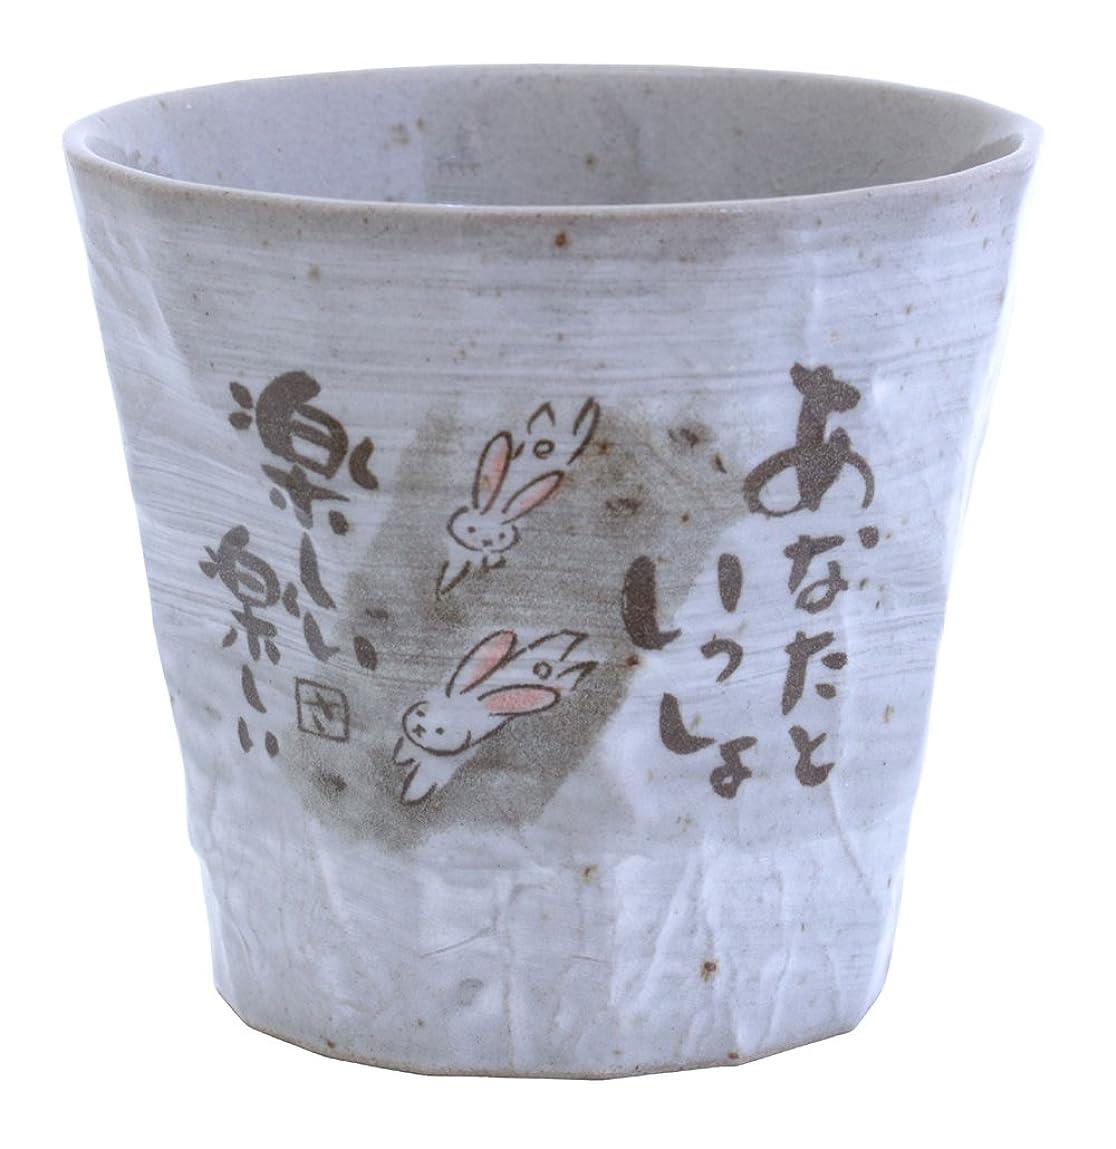 振動する先駆者全く有田焼陶器 窯変金彩焼酎カップ|贈答品|記念品|ギフト|プレゼント|陶芸家 藤井錦彩